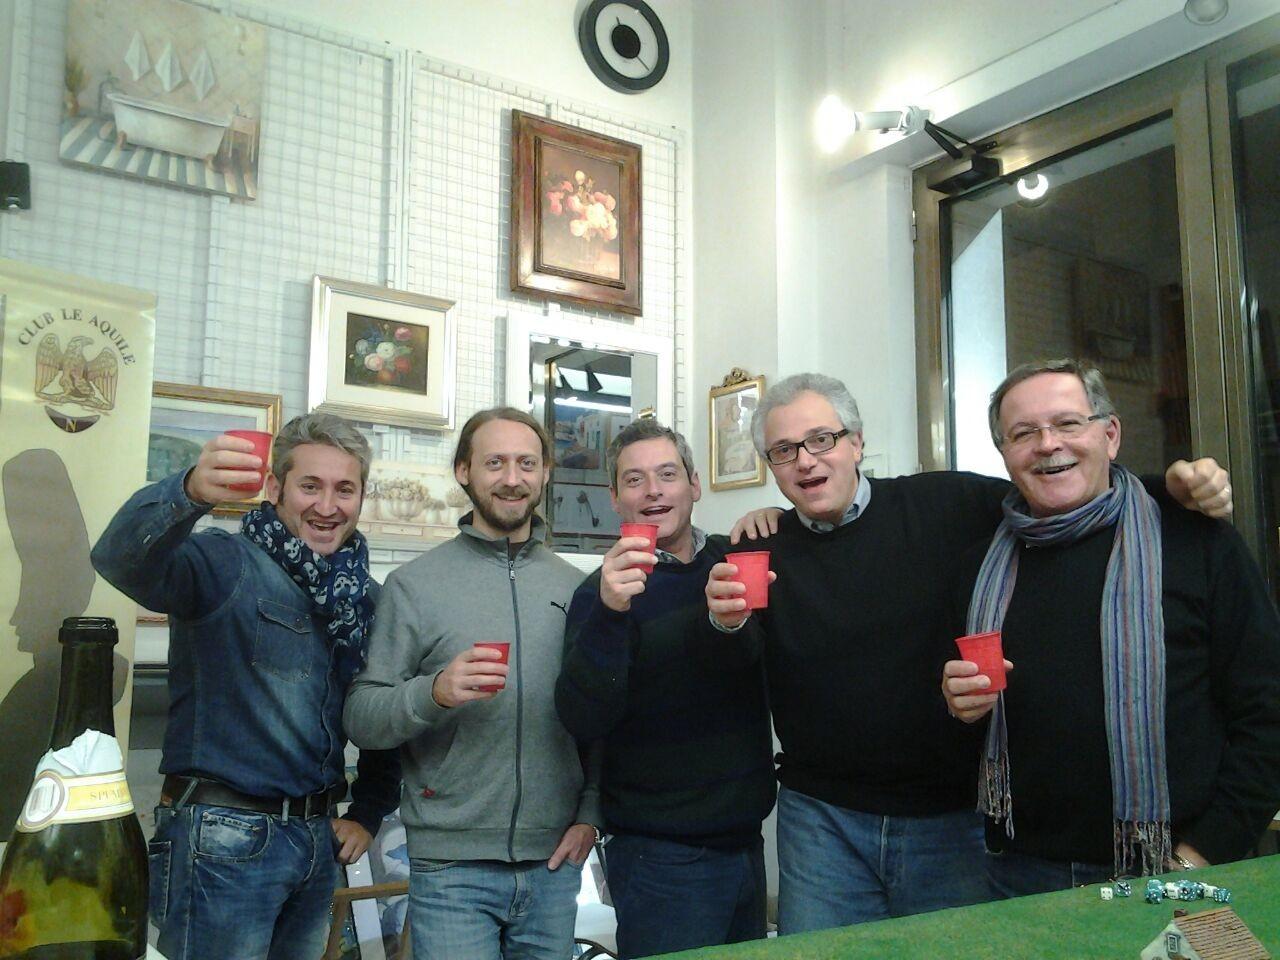 Un brindisi al nuovo anno e soprattutto a Lasalle!